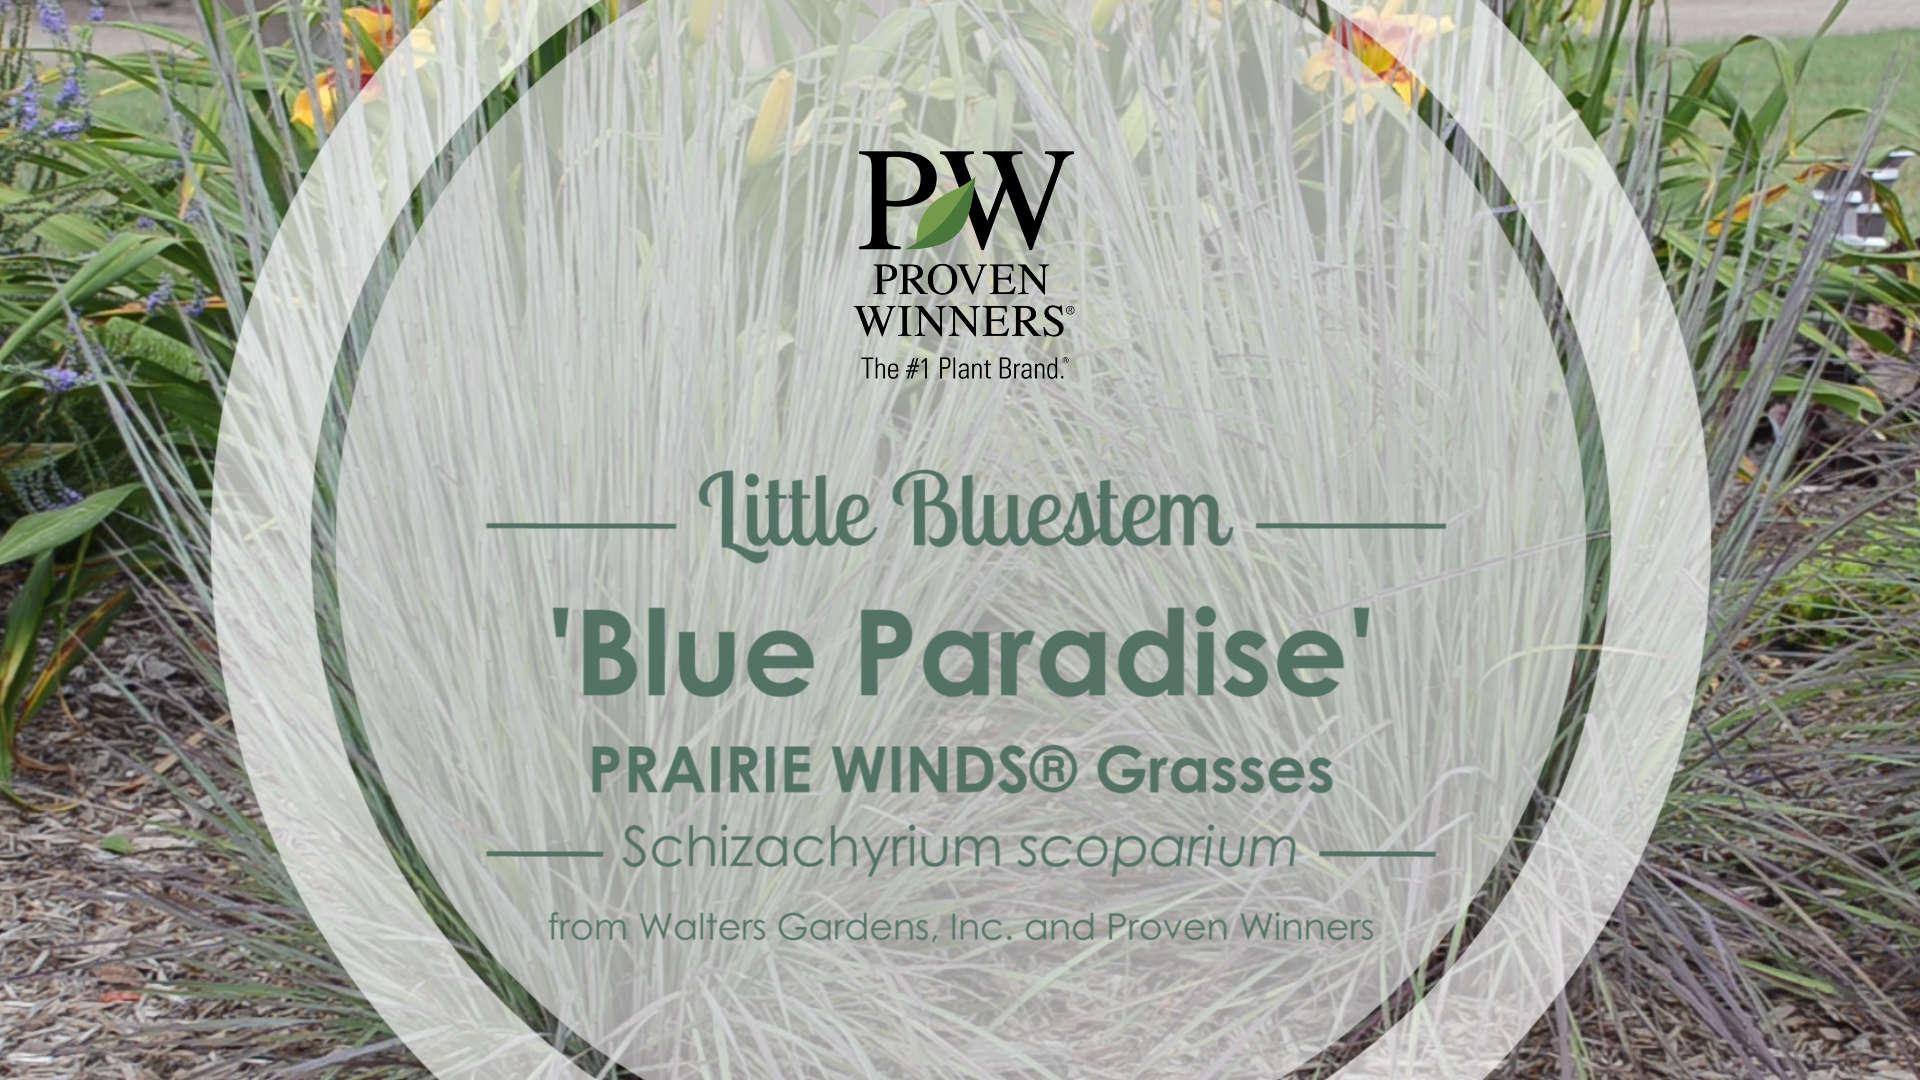 Schizachyrium 'Blue Paradise' Little Bluestem